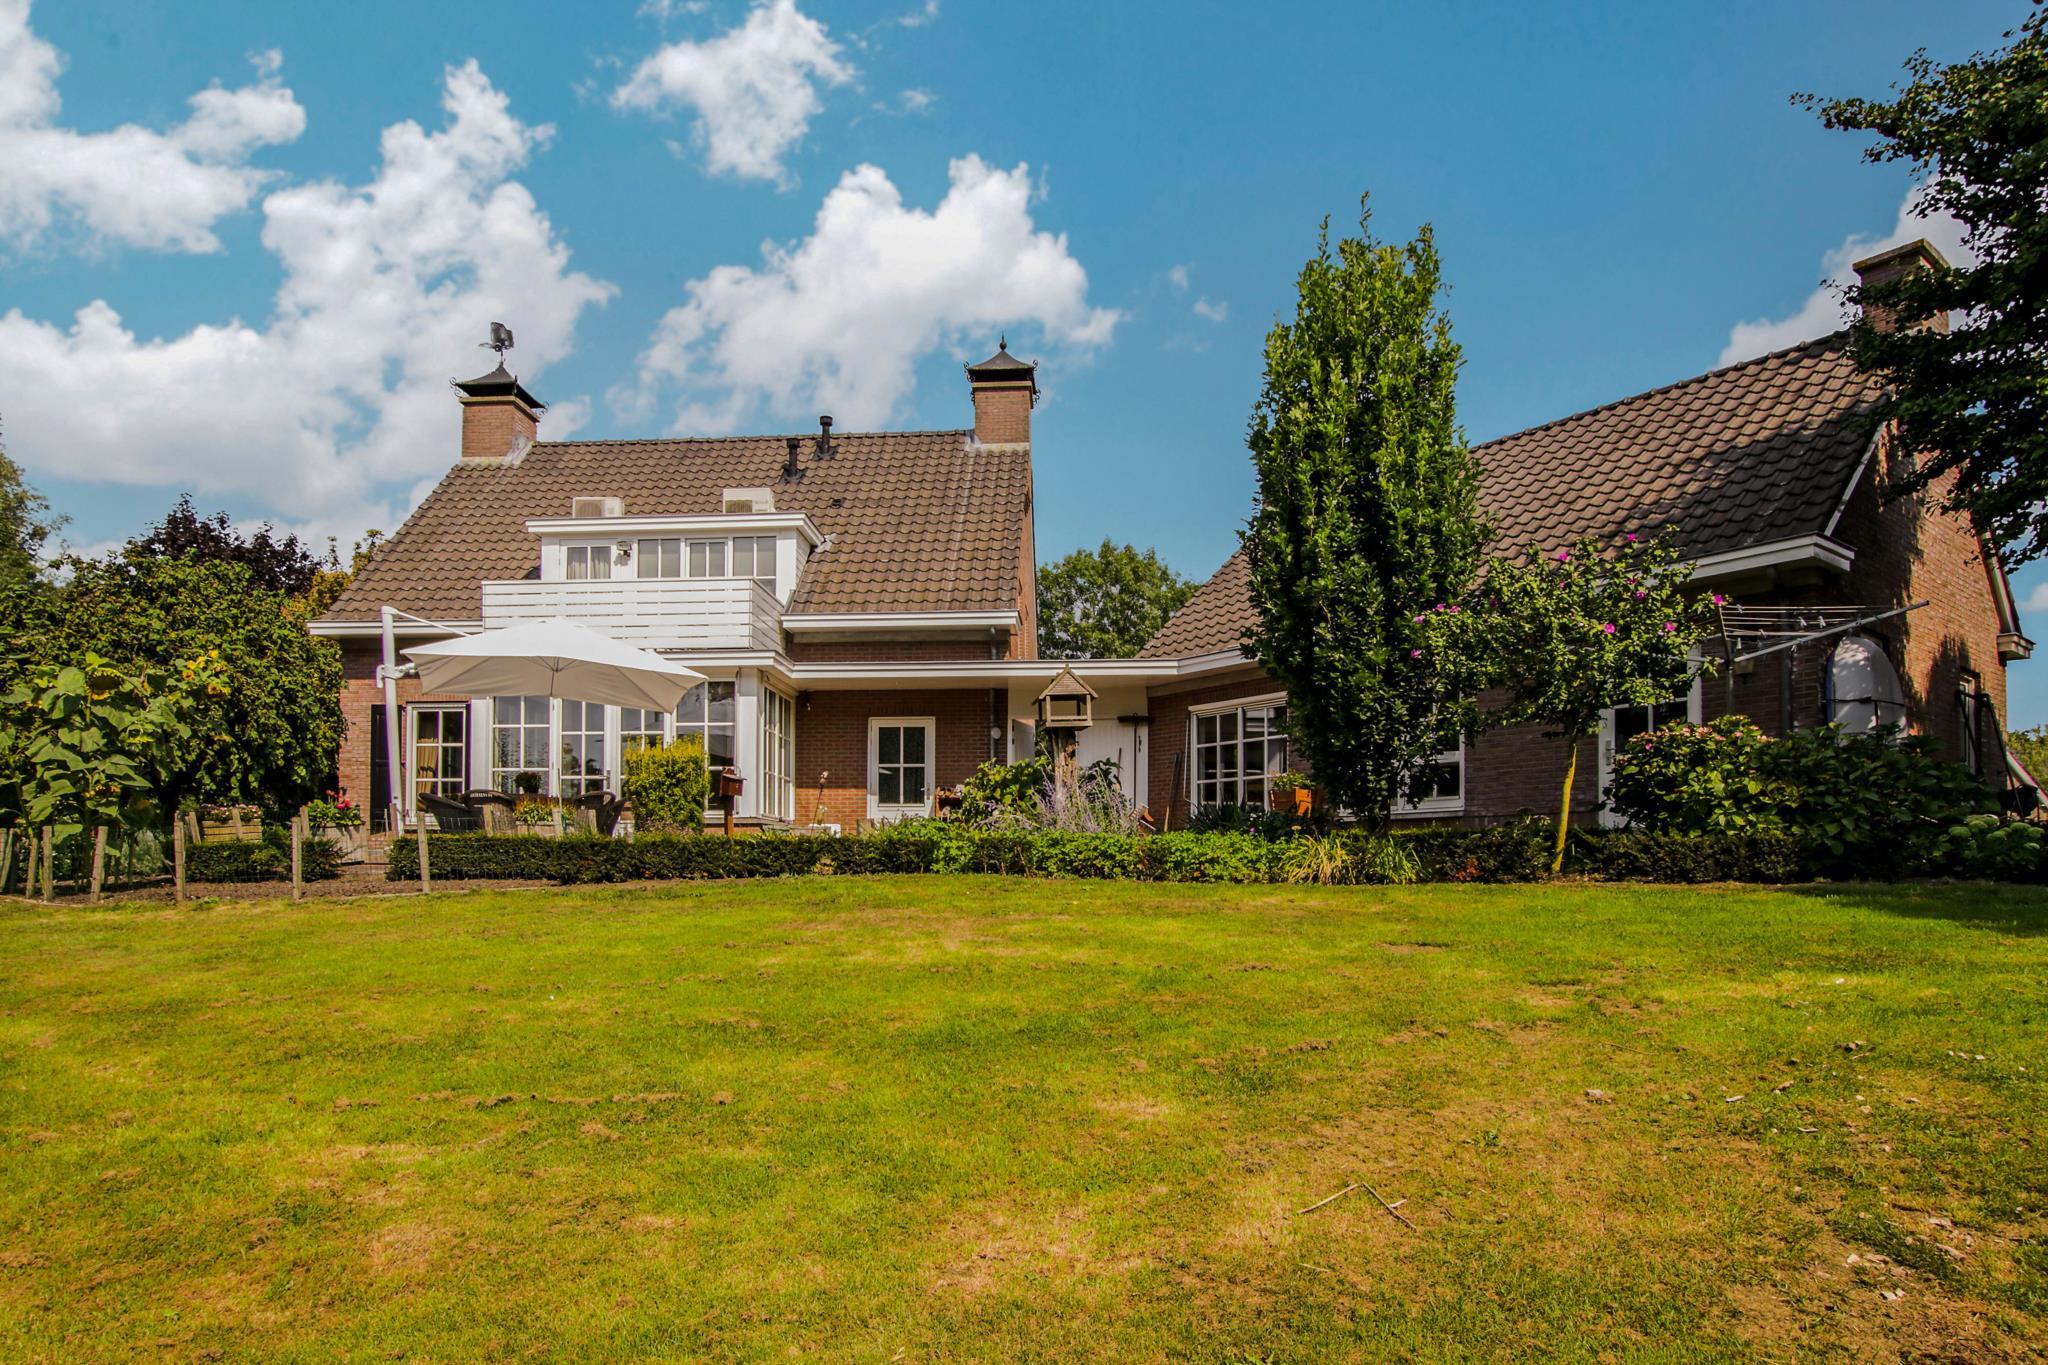 Villa in Heukelum